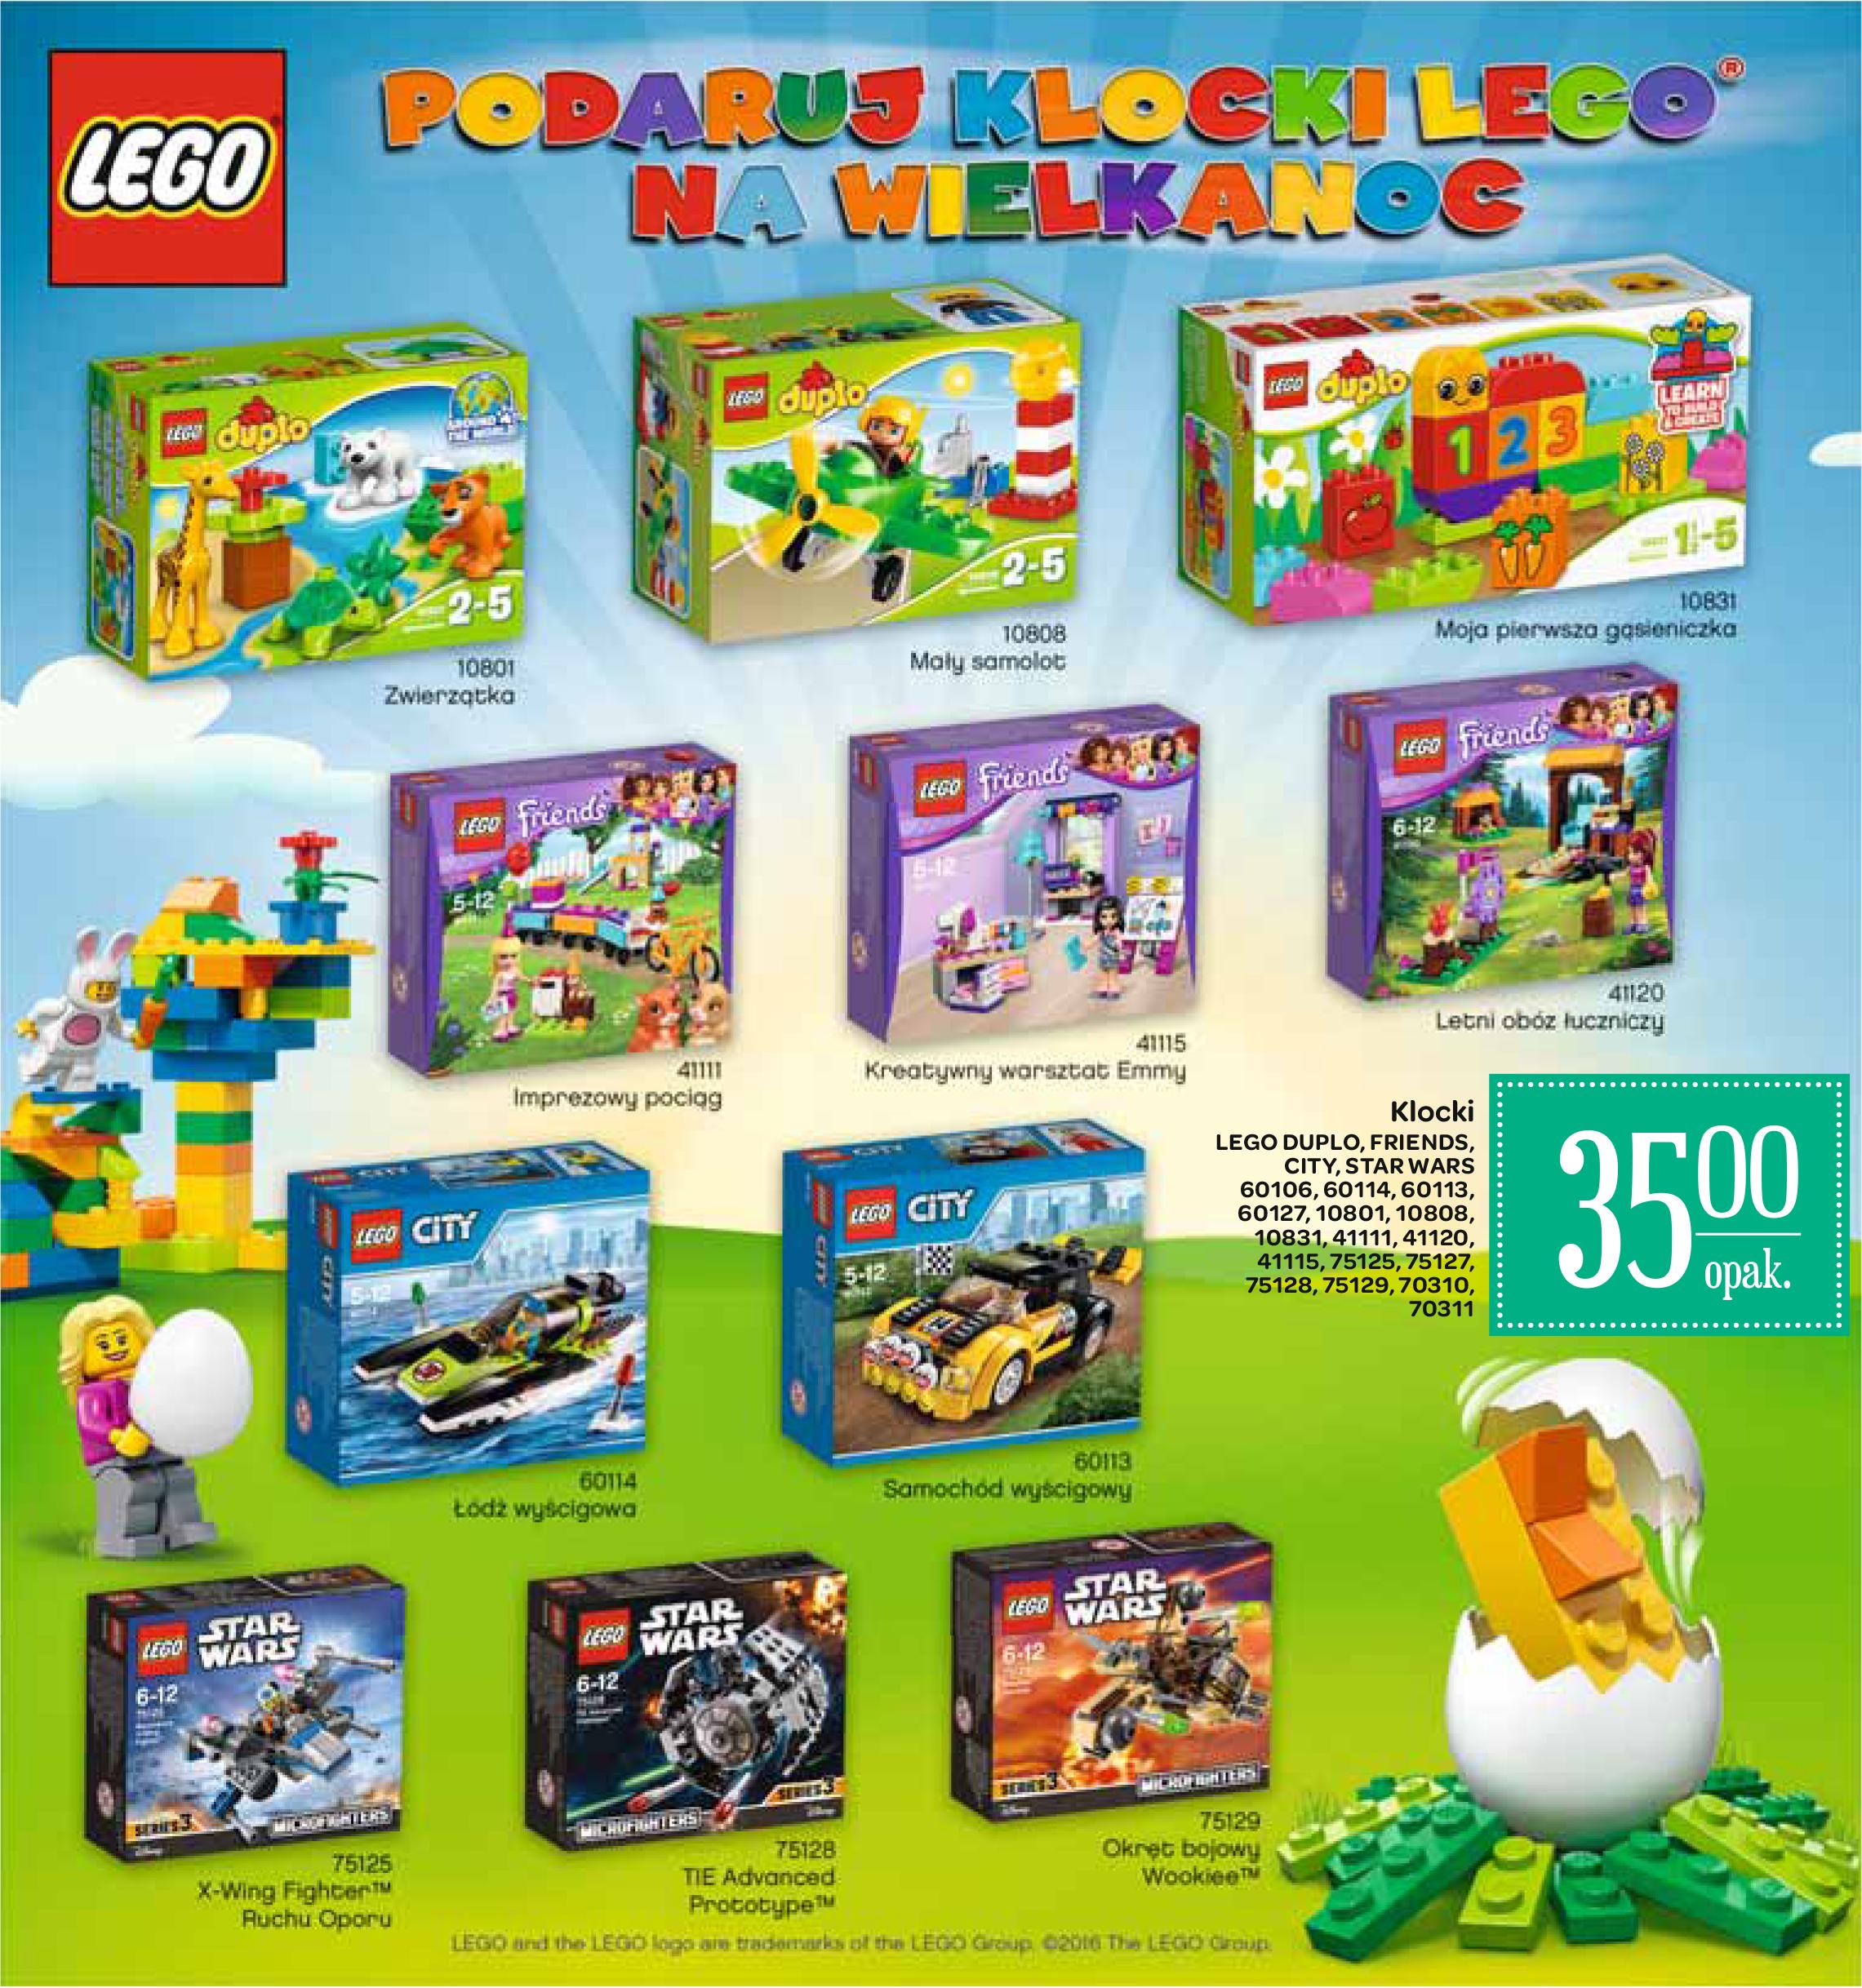 Klocki LEGO różne rodzaje w Carrefour